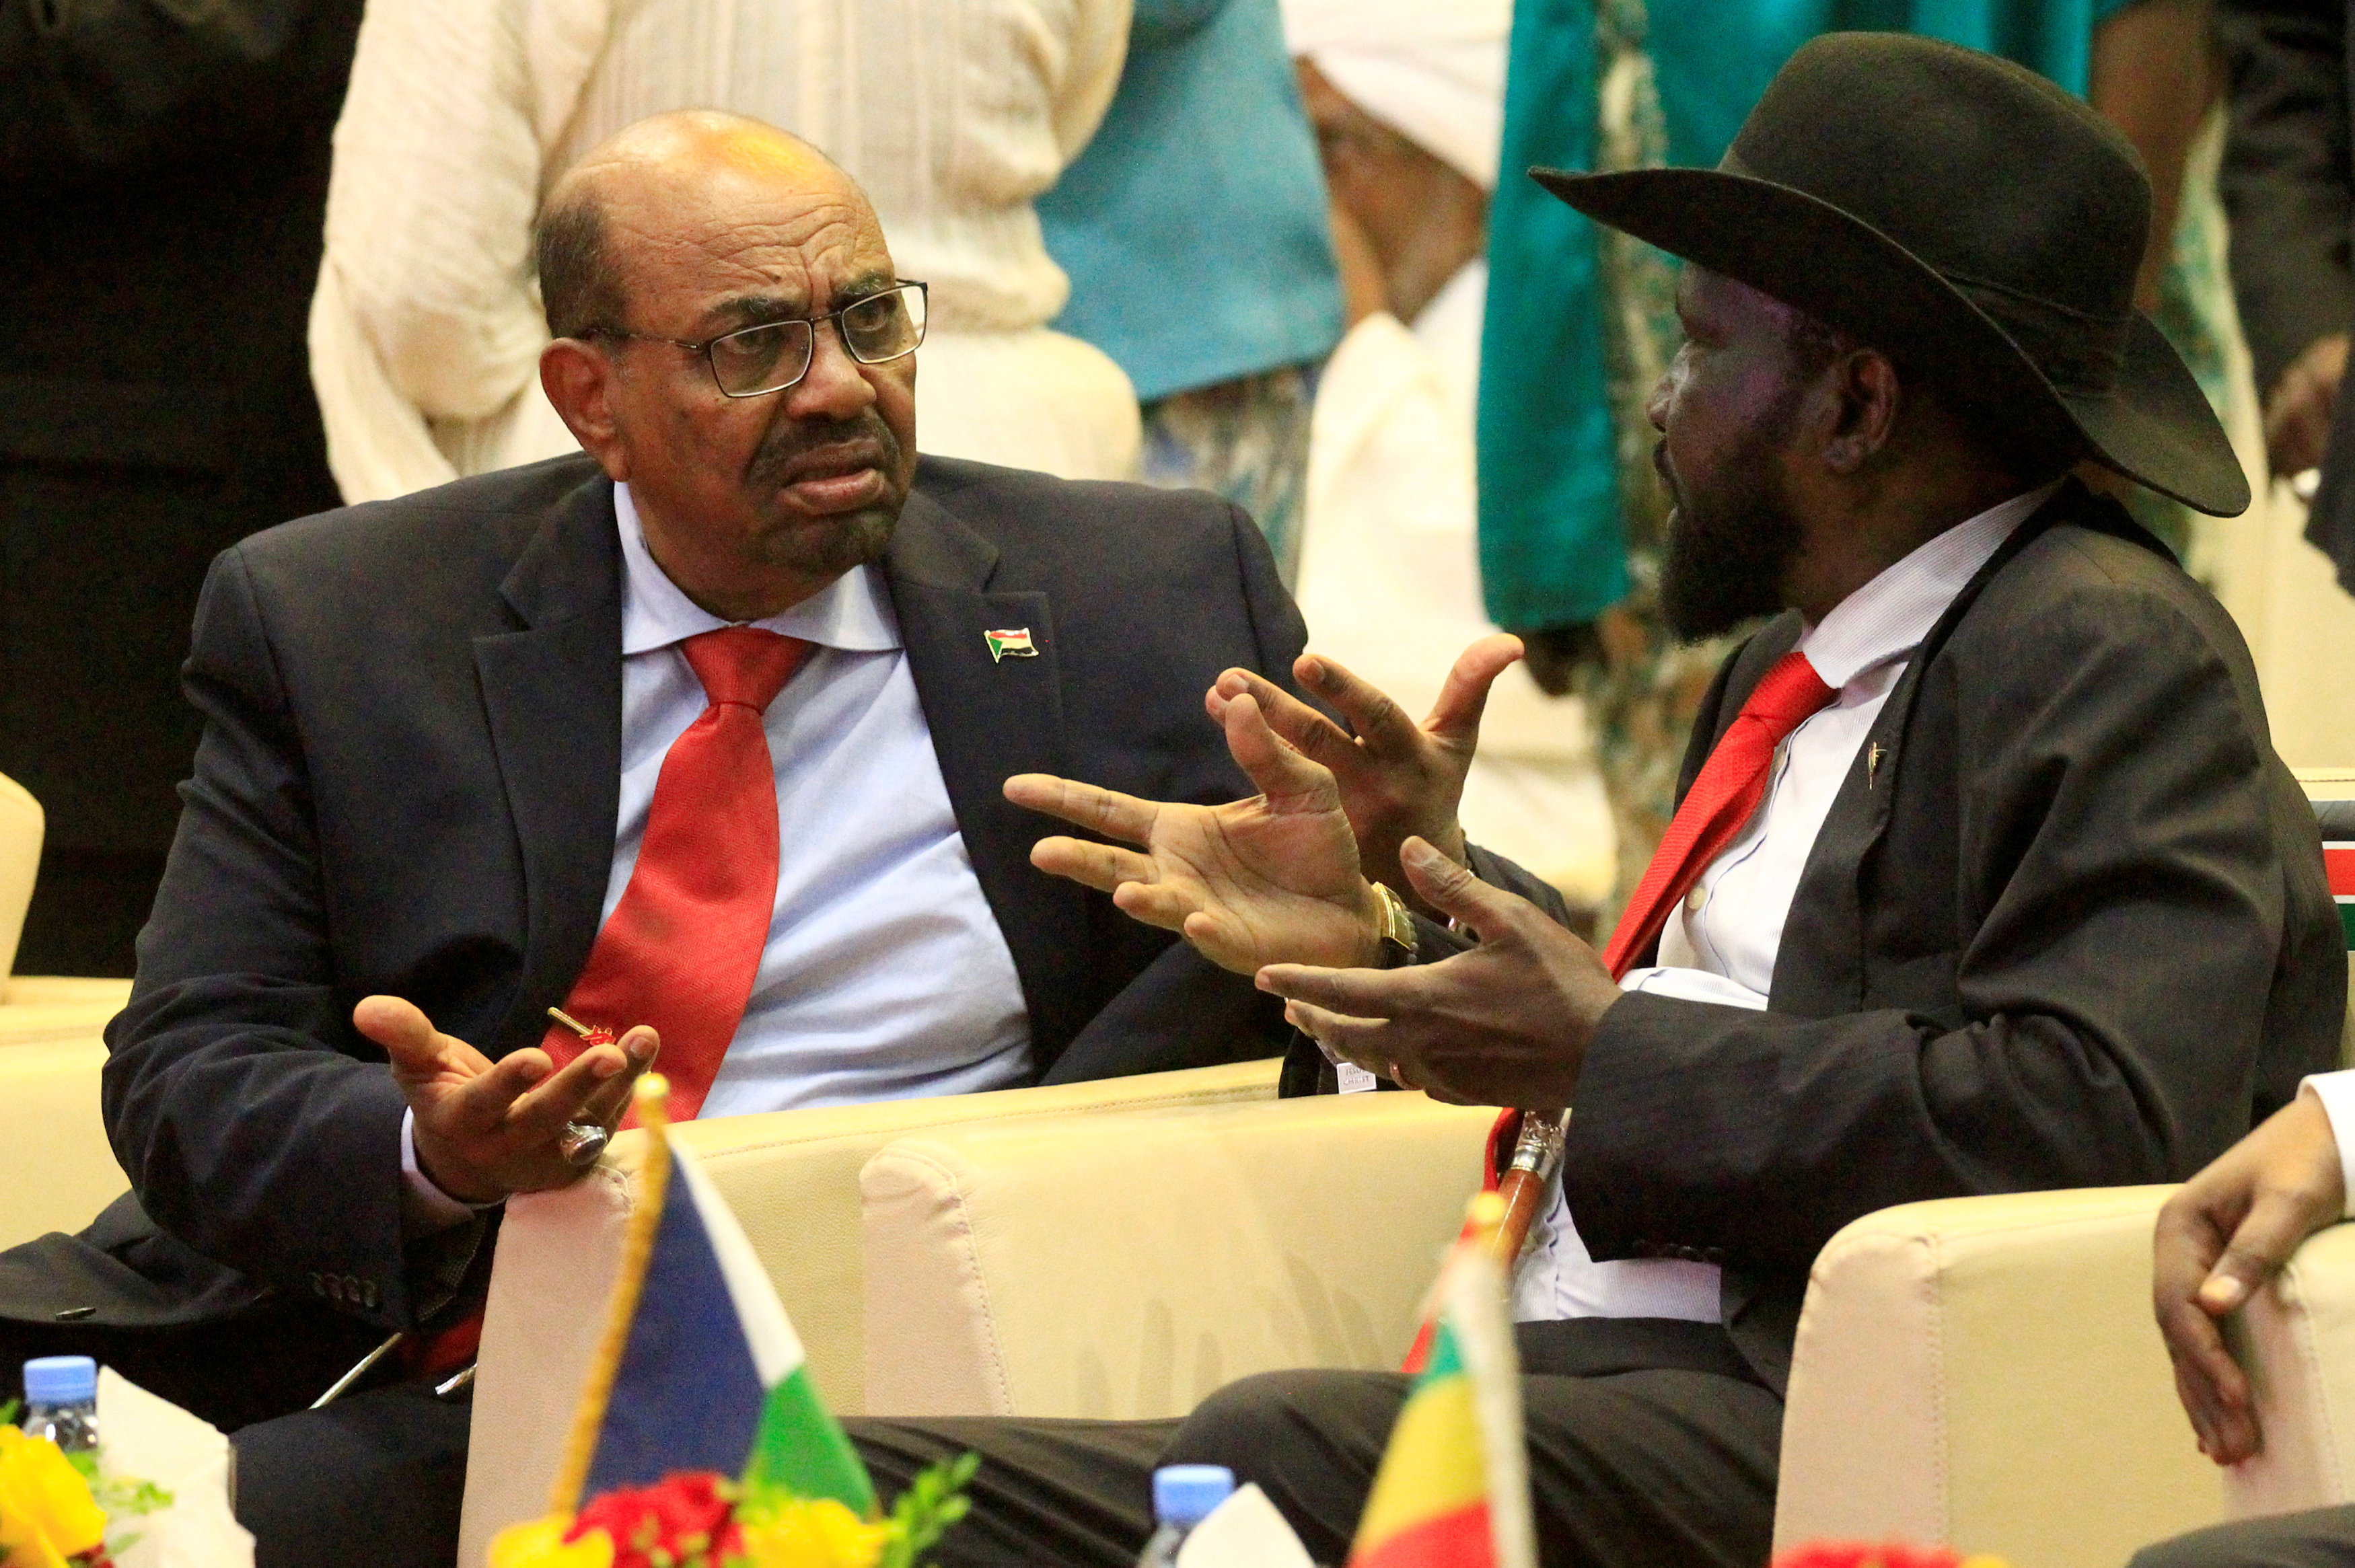 حديث بين الرئيس السودانى عمر حسن البشير ونظيره الجنوب سودانى سيلفا كير